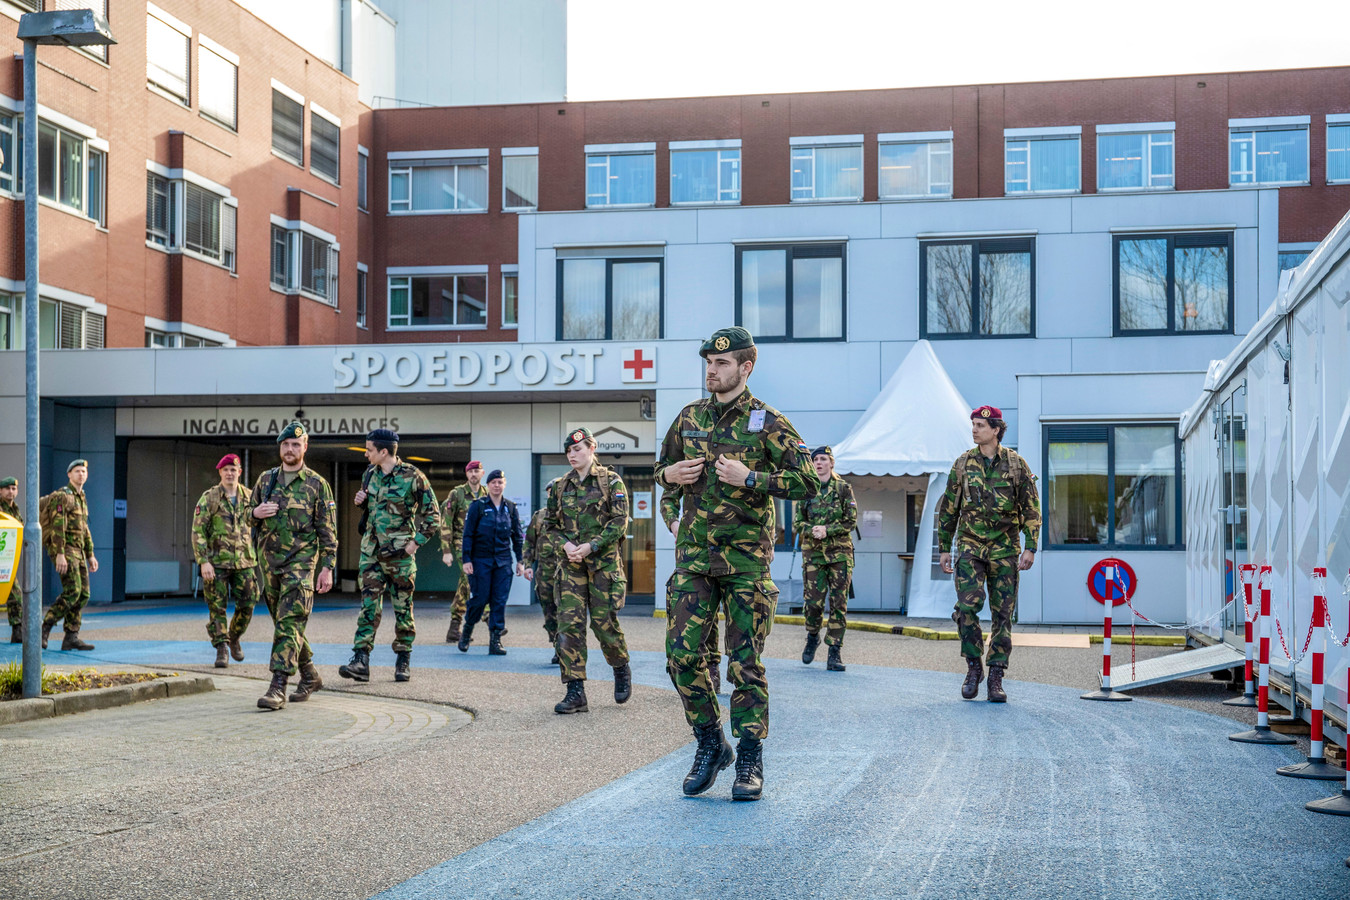 Defensiepersoneel arriveert bij Ziekenhuis Gelderse Vallei om te helpen bij coronacrisis.